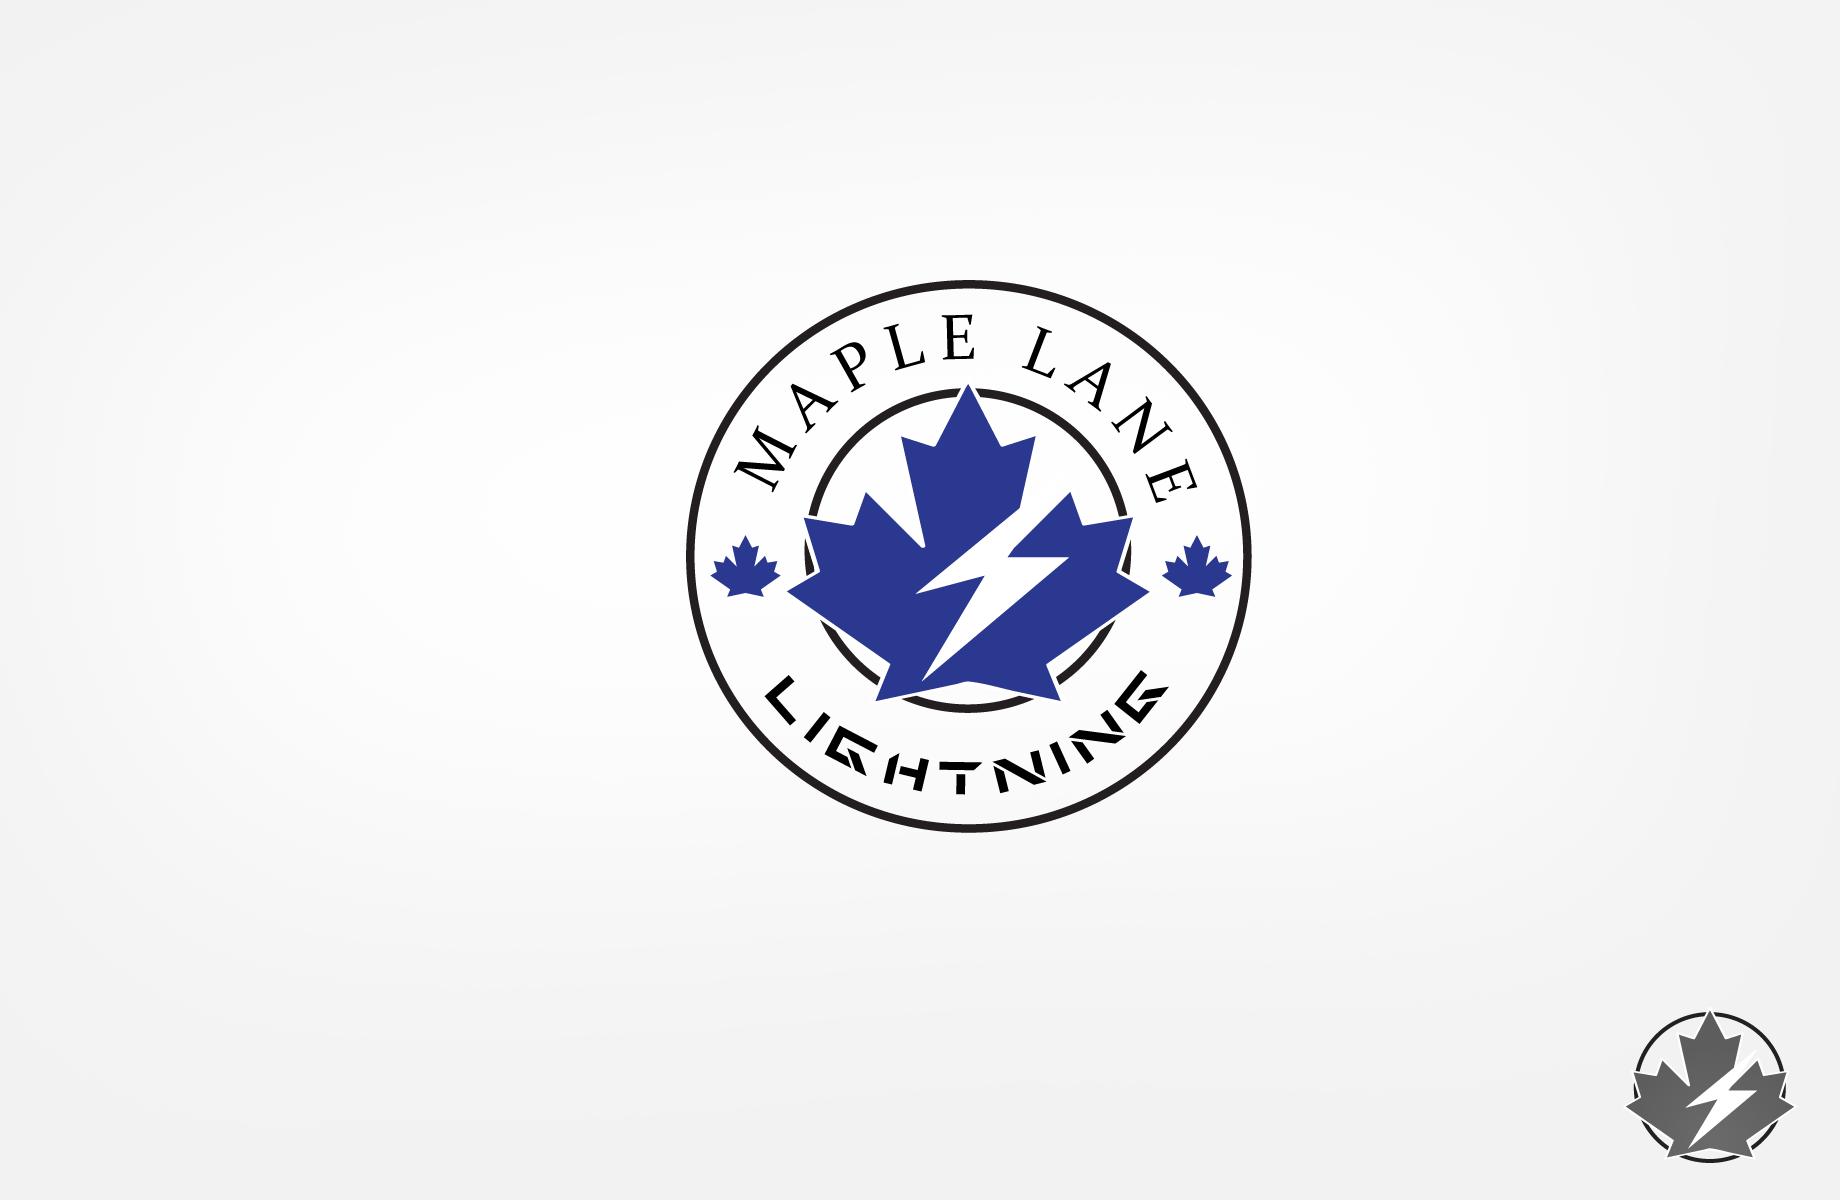 Logo Design by Jan Chua - Entry No. 81 in the Logo Design Contest Maple Lane Logo Design.